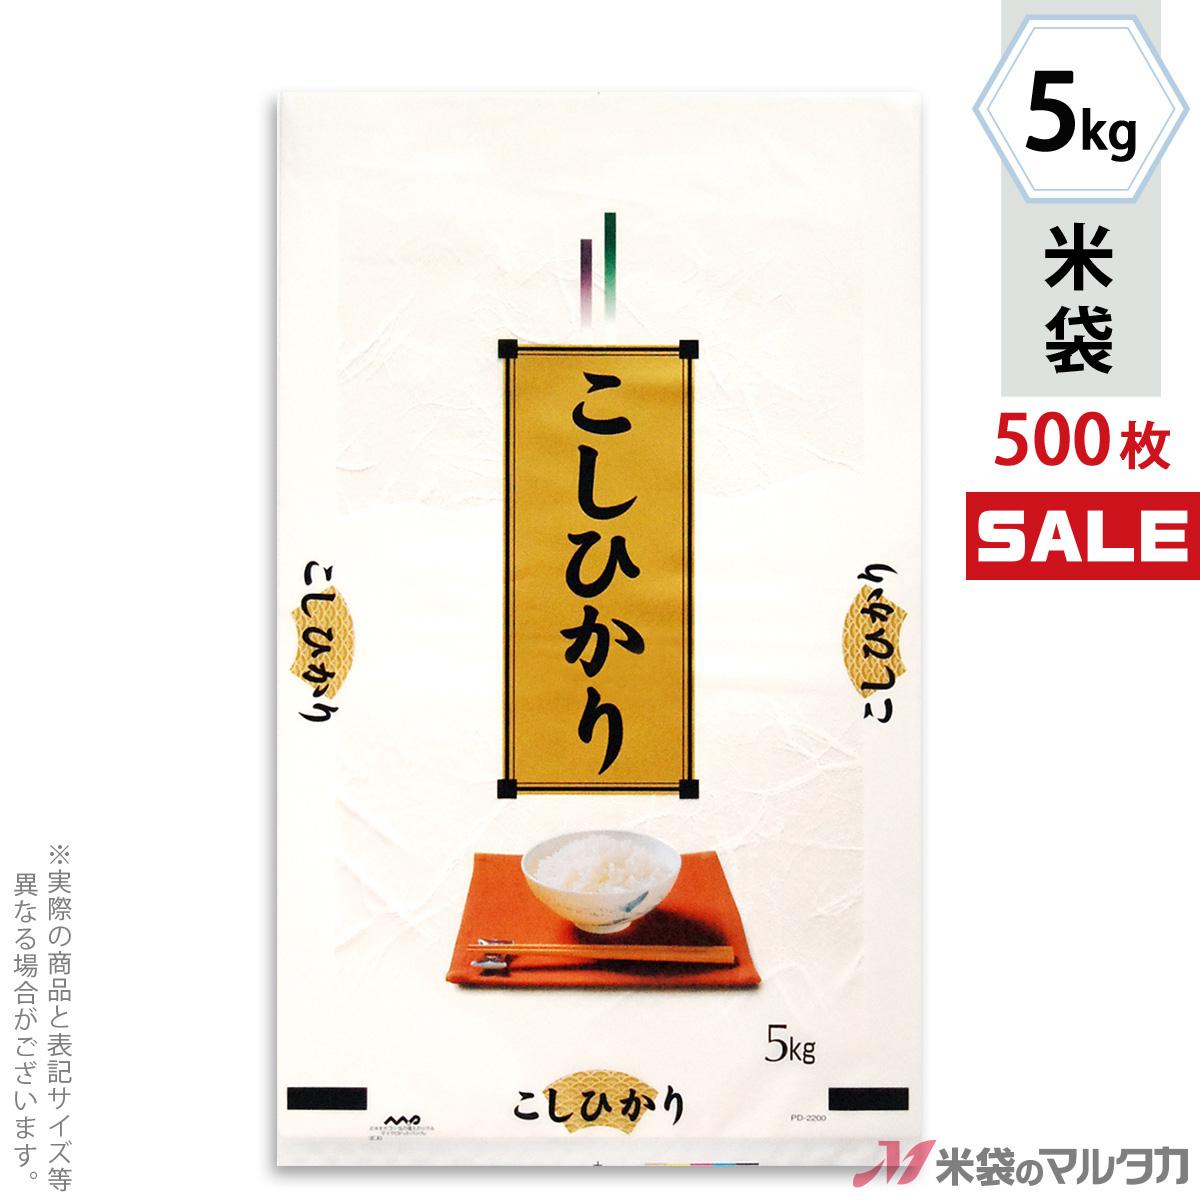 <キャンペーン対応>米袋 ポリ マイクロドット こしひかり 霧がすみ 5kg 1ケース(500枚入) PD-2200